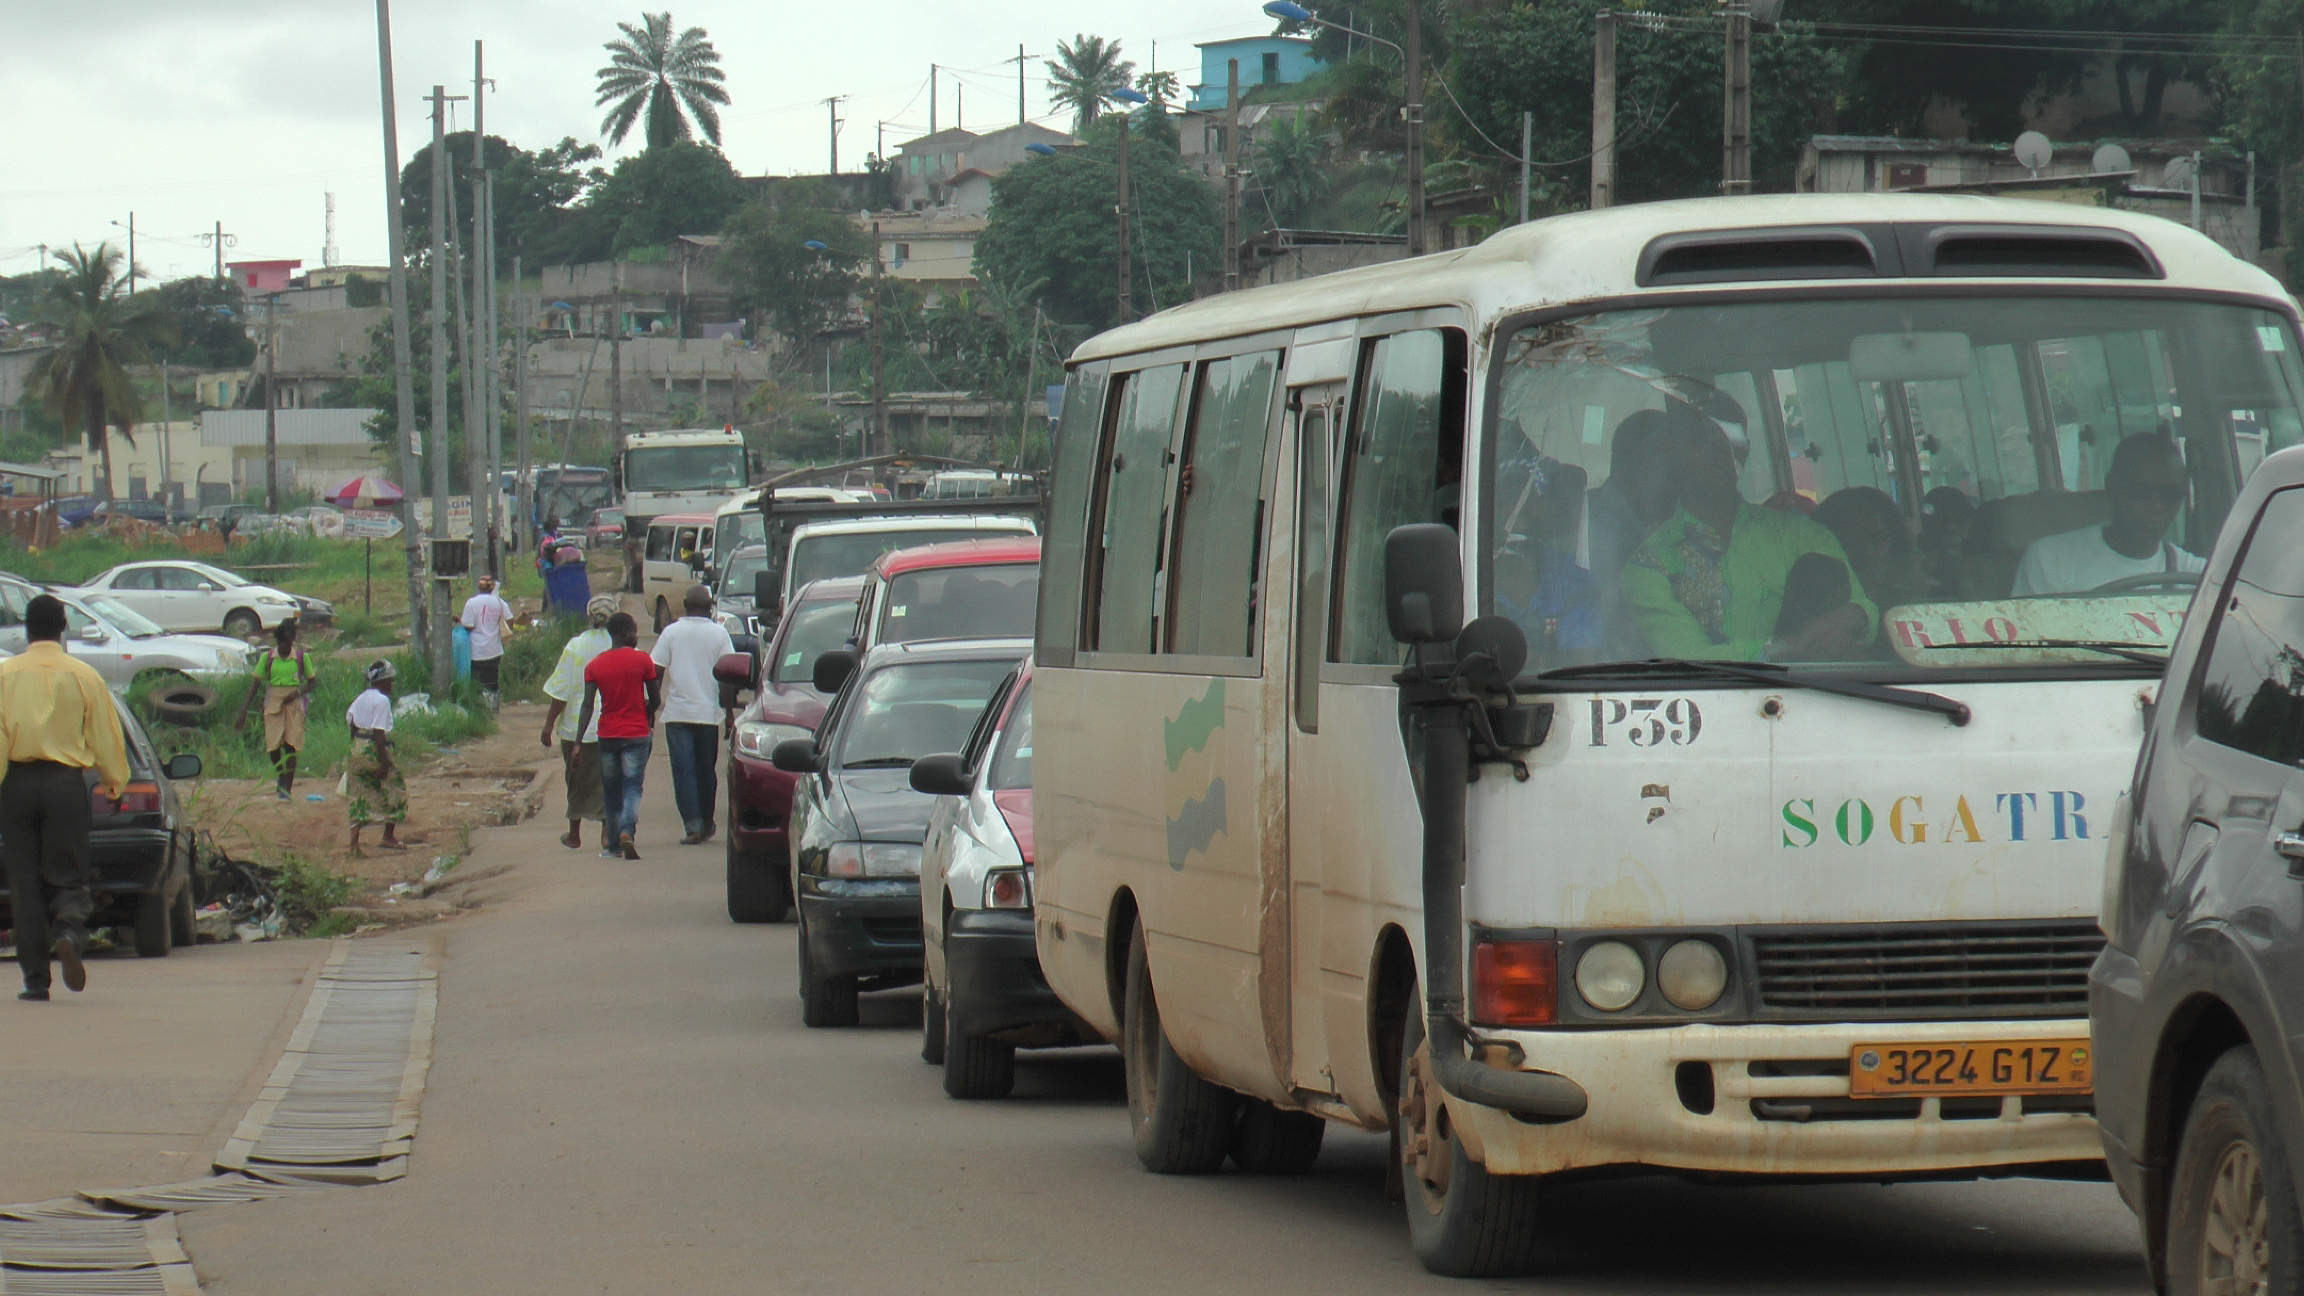 les colonnes de voitures interminables@gabonactu.com